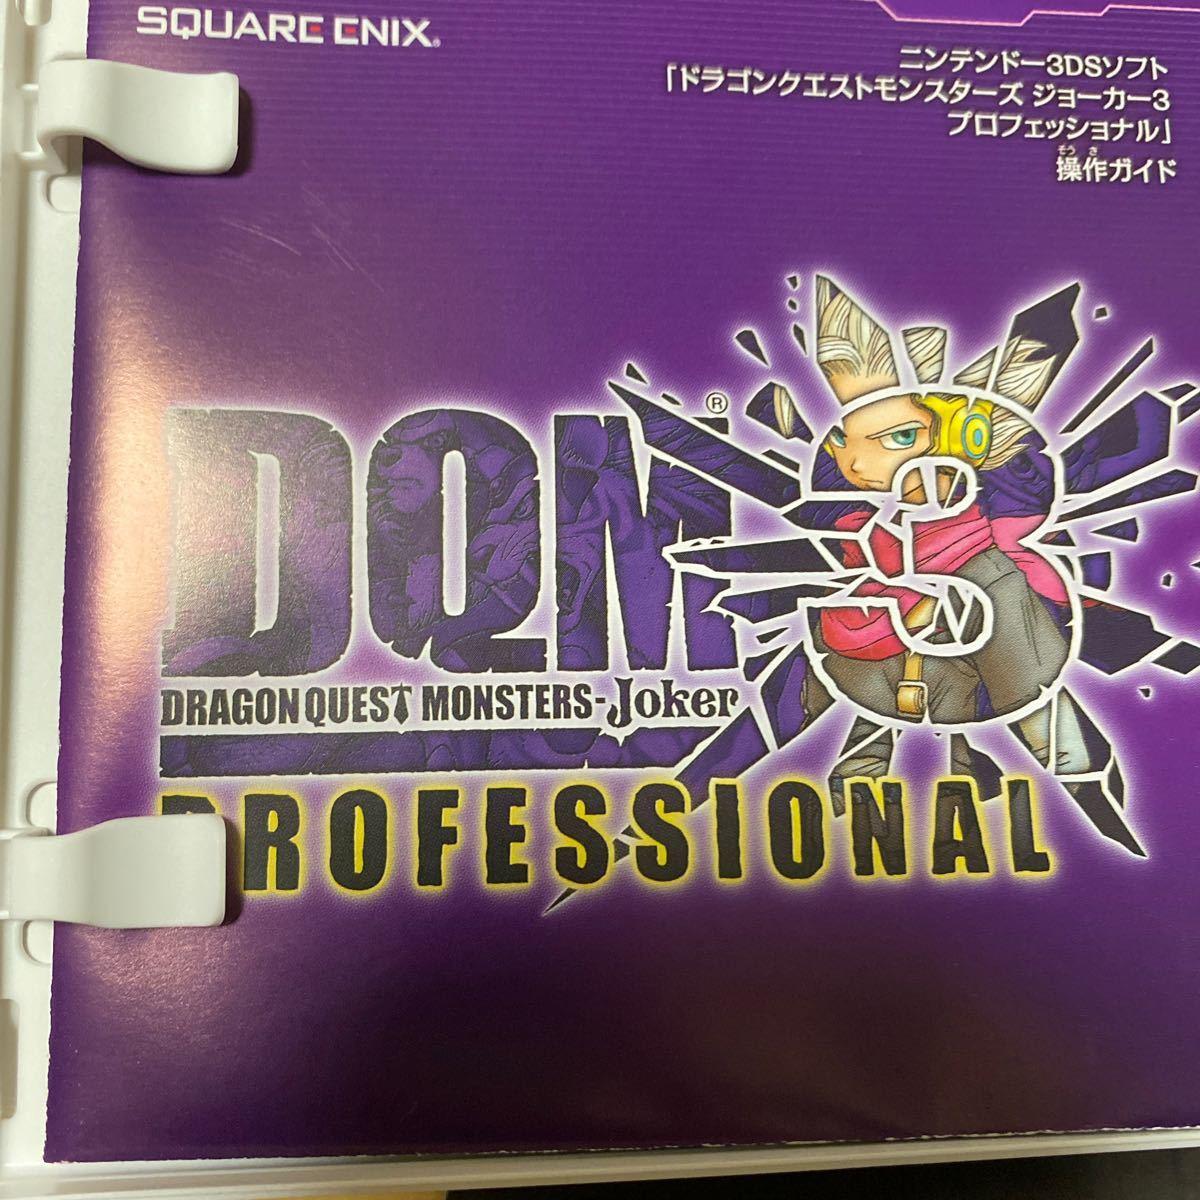 【3DS】 ドラゴンクエストモンスターズ ジョーカー3 プロフェッショナル